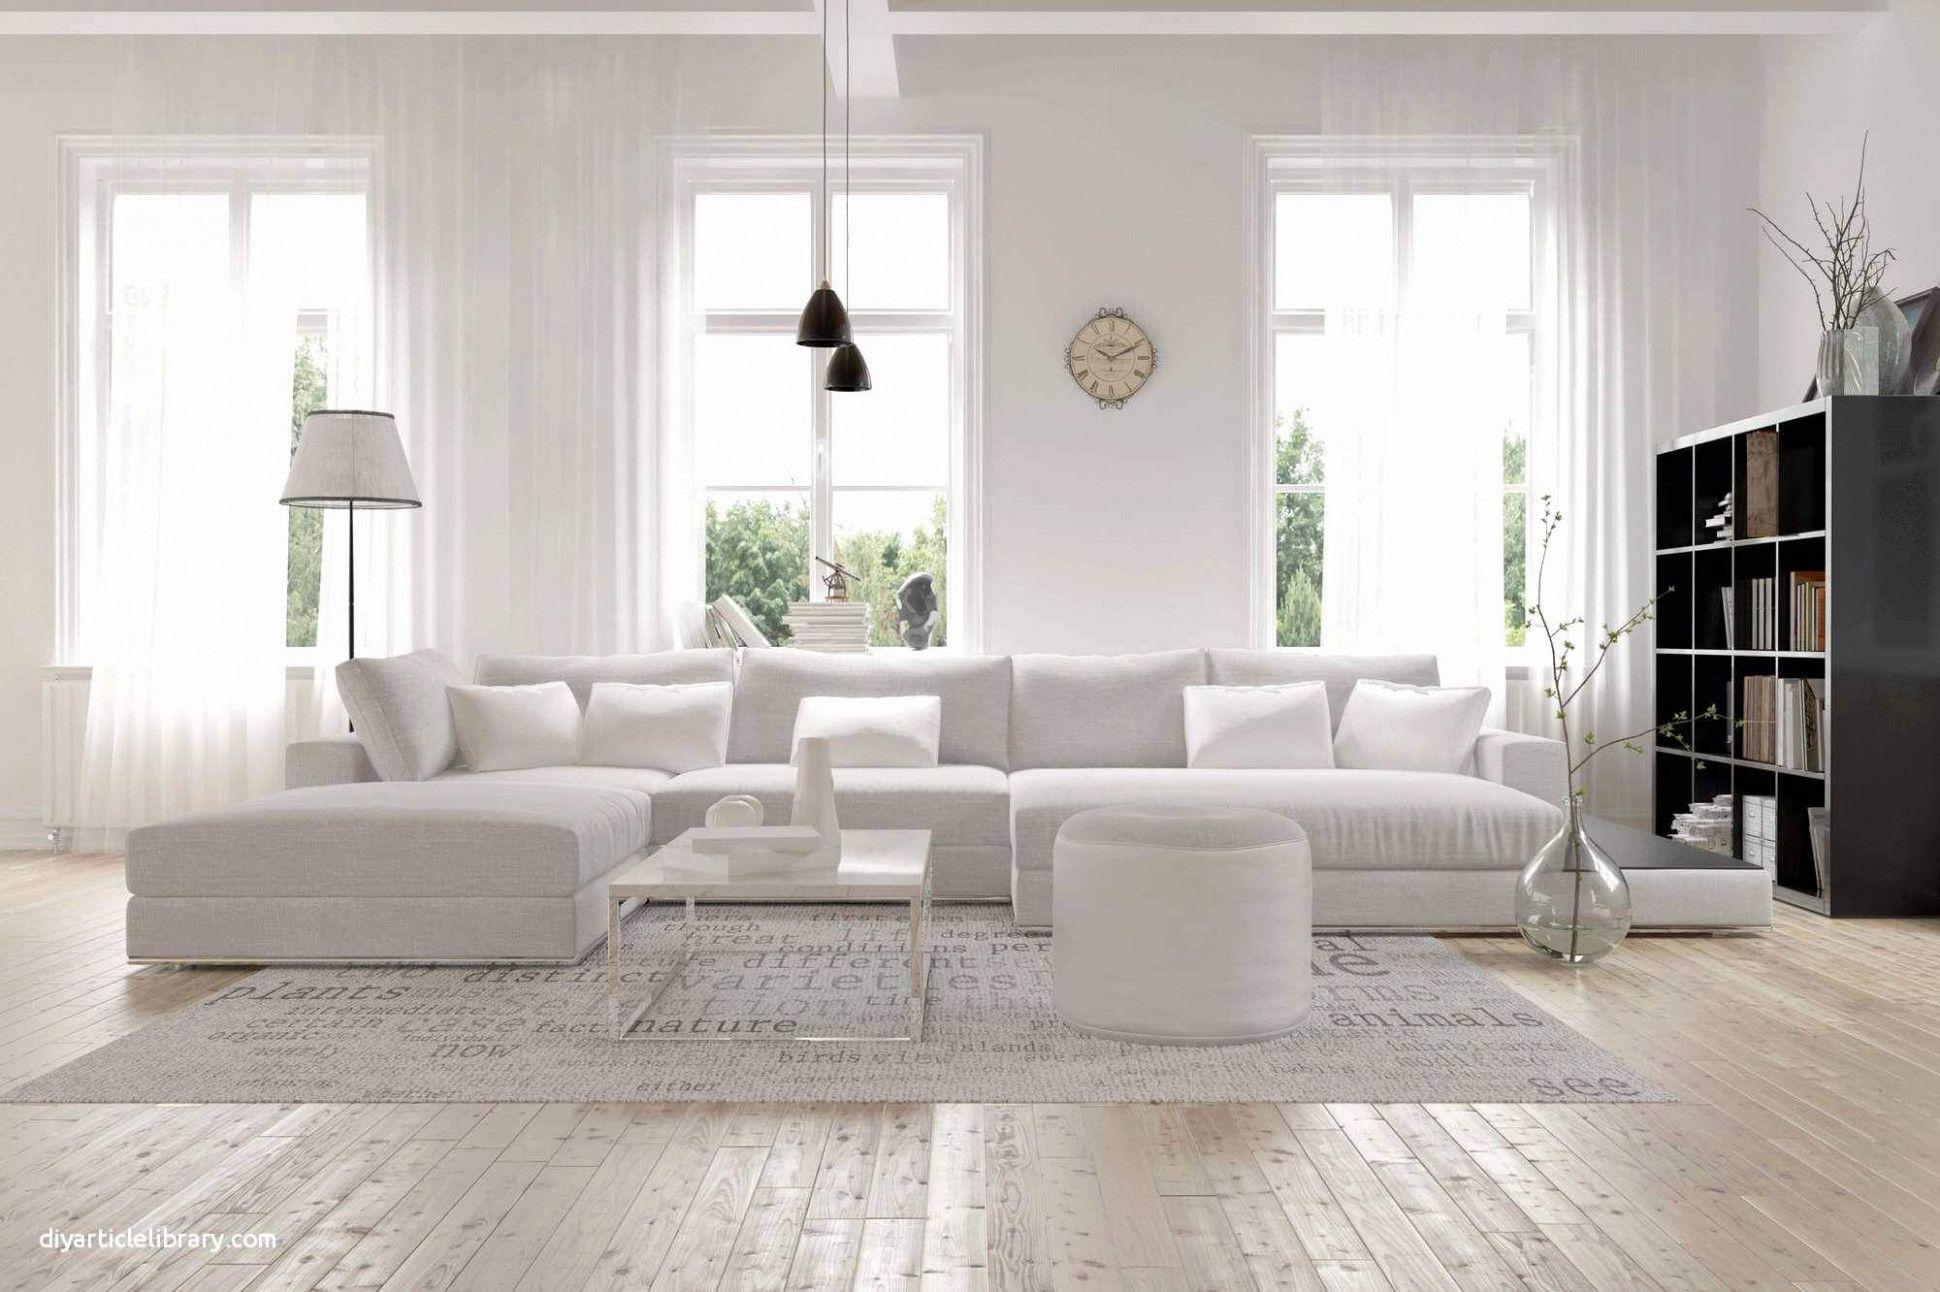 9 Wohnzimmer Fashionable Minimalistisch in 9  Wohnzimmer